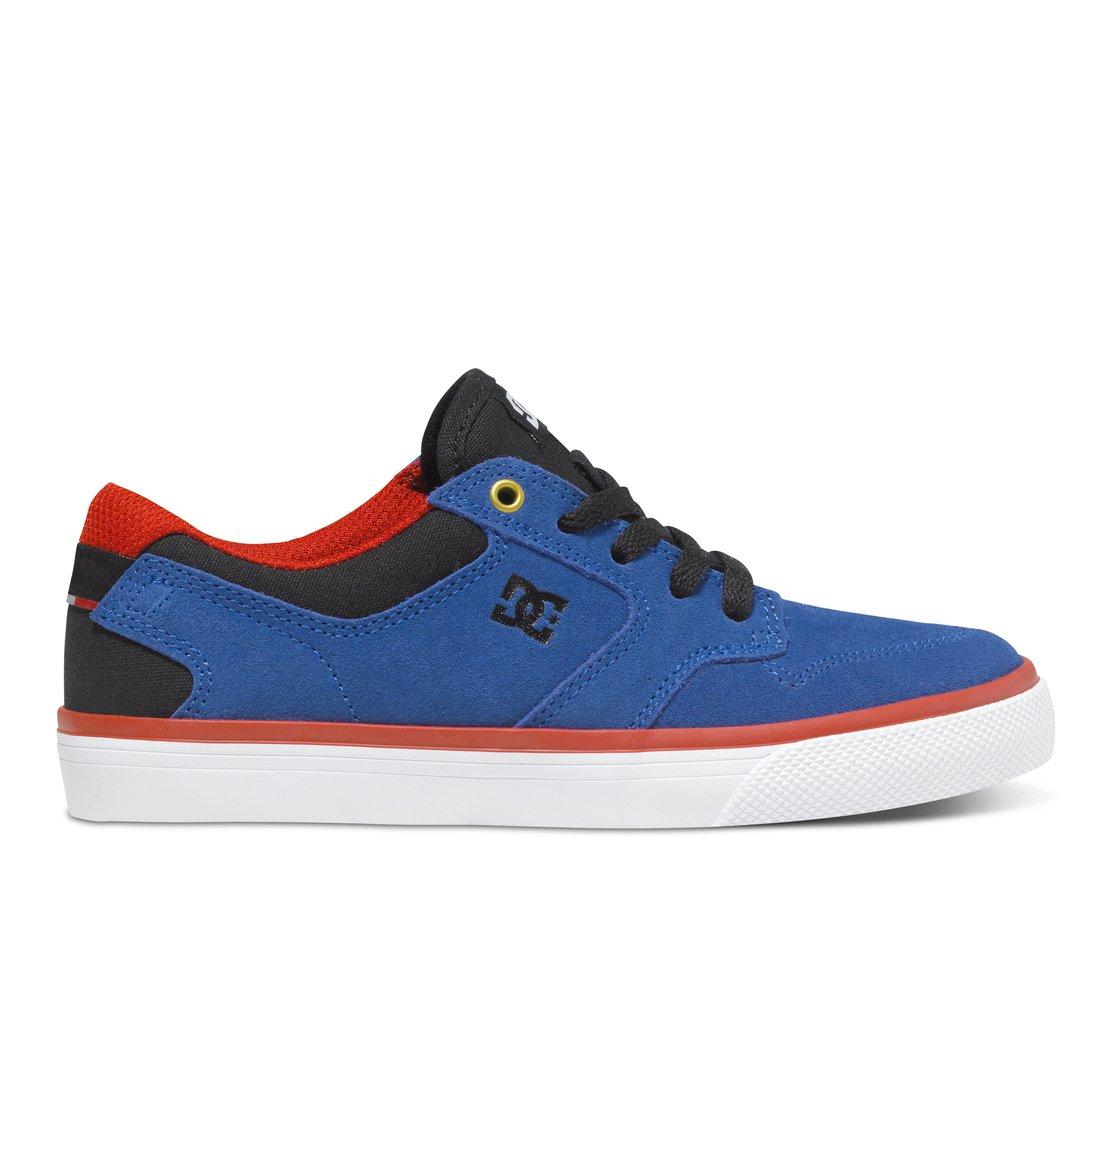 Здесь можно купить   Argosy Vulc - Low-Top Shoes Новые поступления